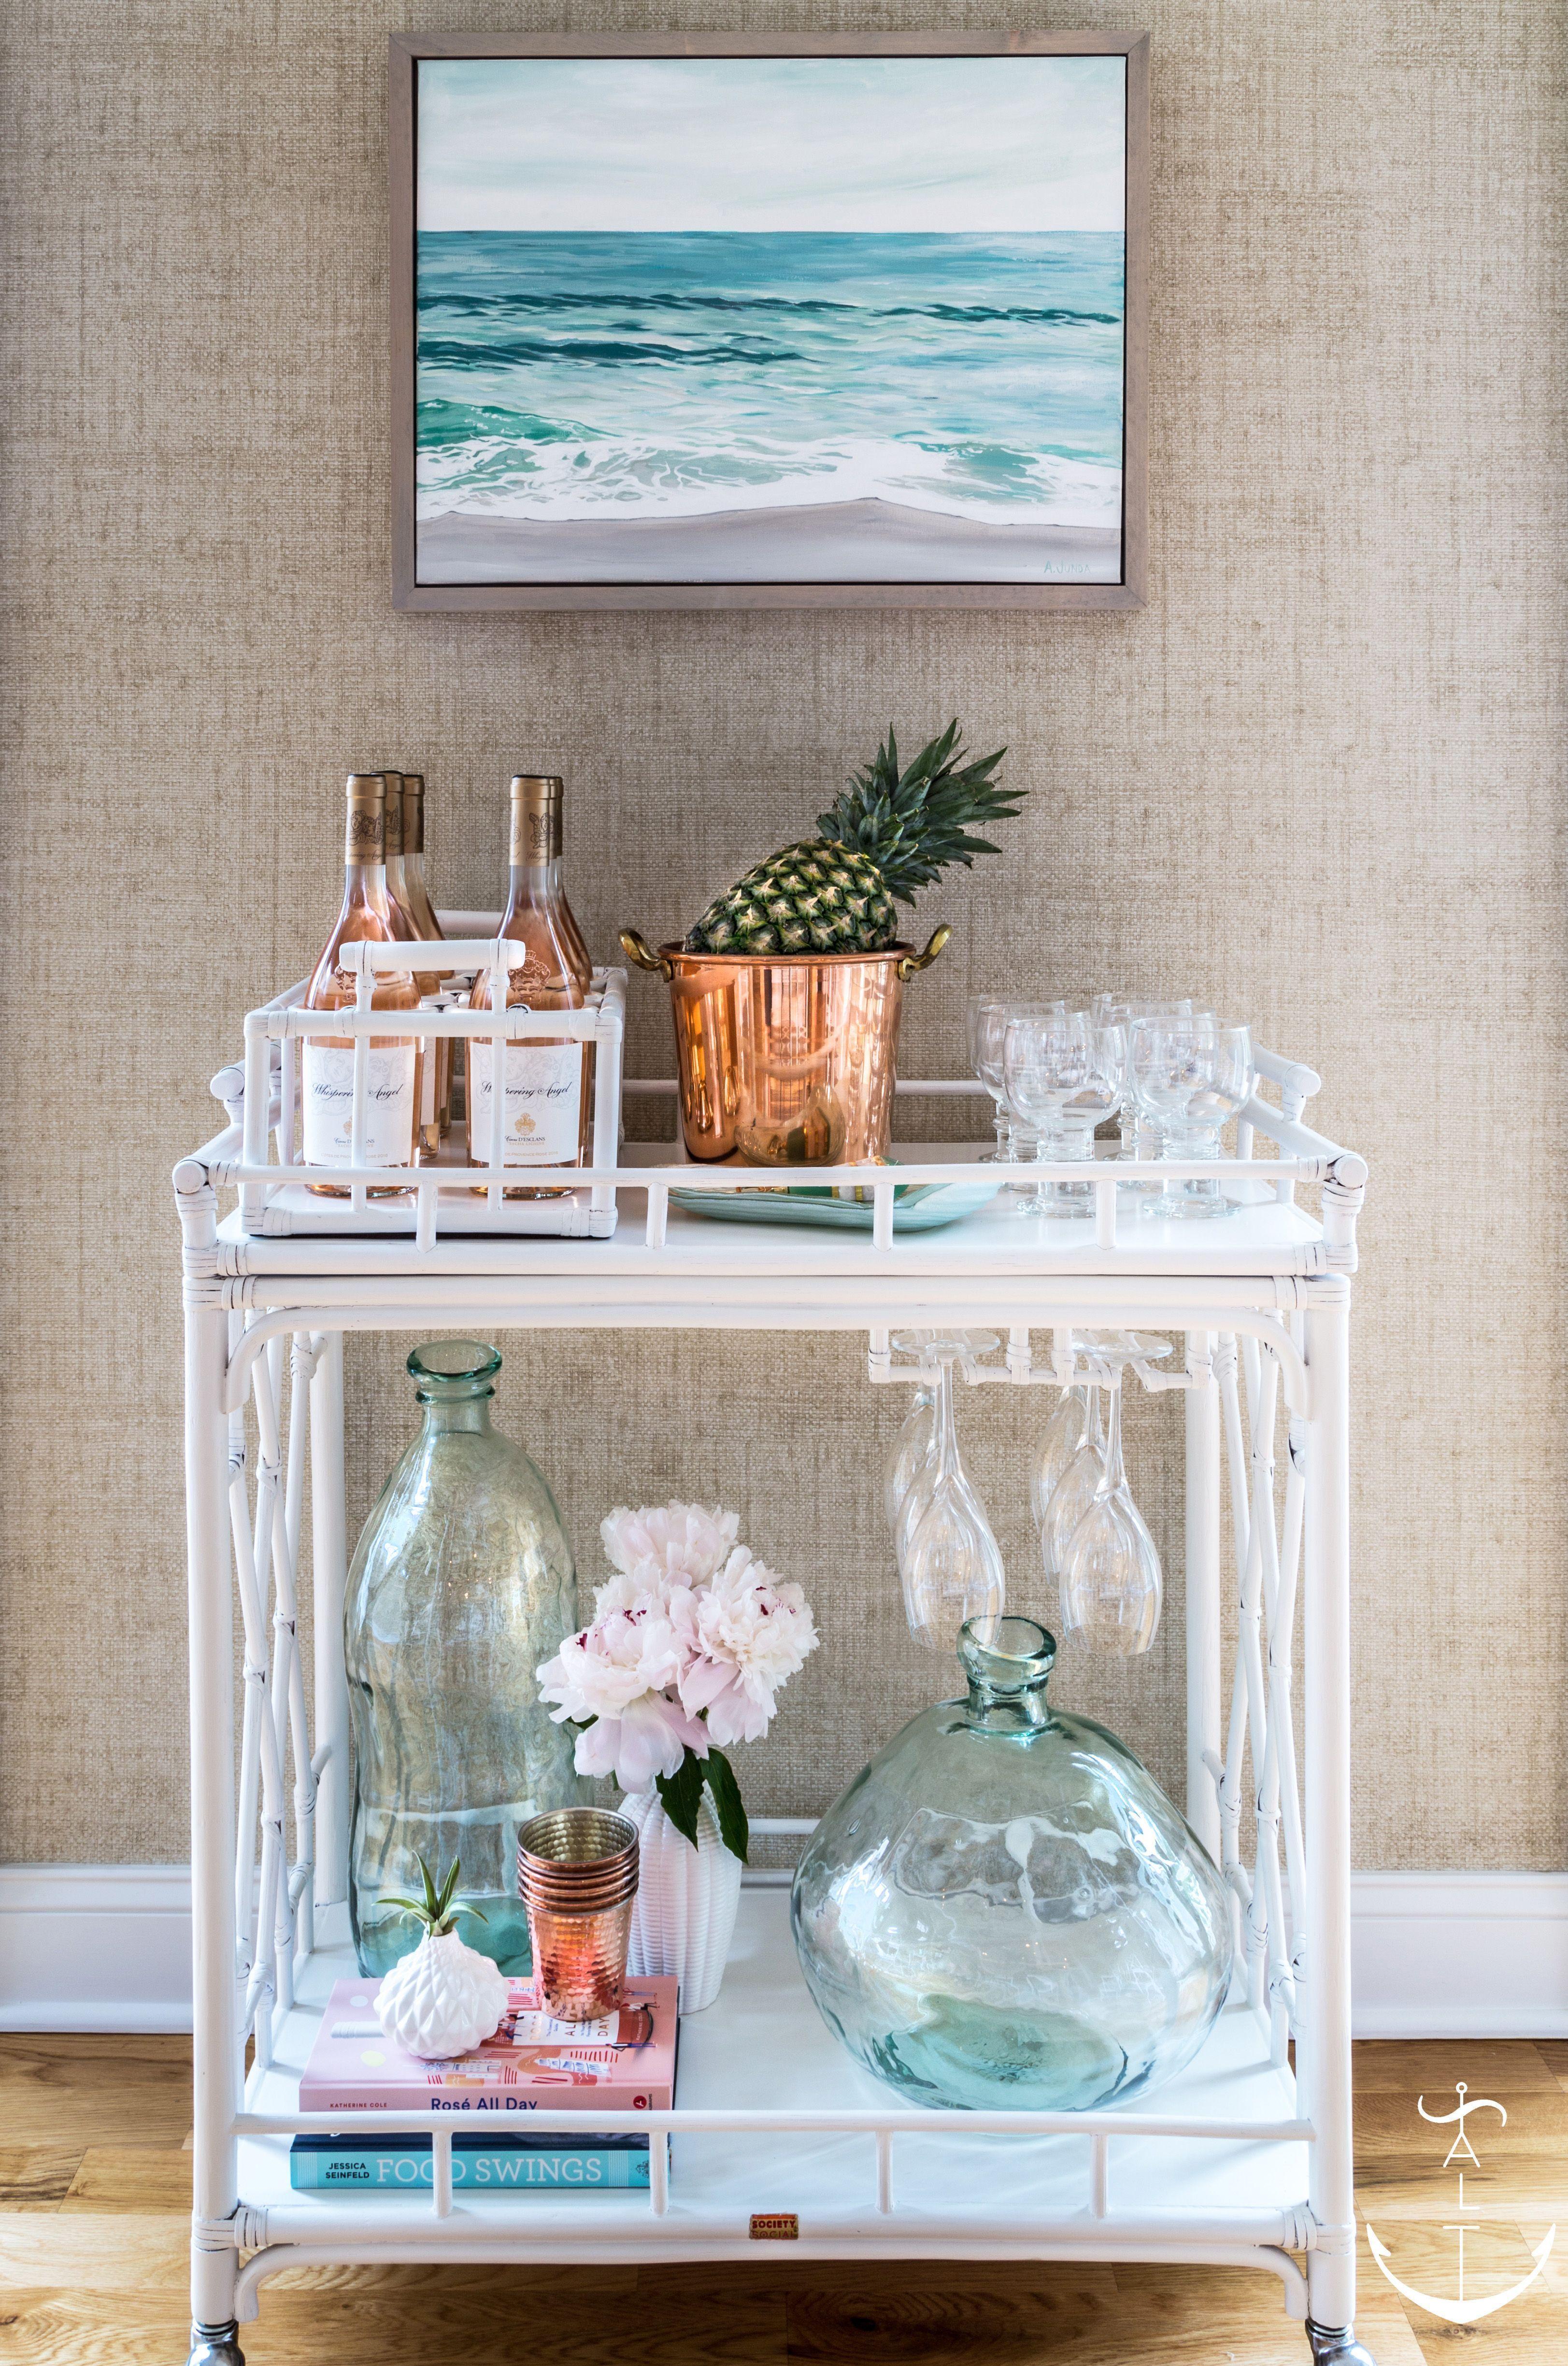 Sea Girt Retreat Bar Cart White Bar Cart Aqua Glass Vase Jugs Ocean Painting Coastal Bar Cart Stylin Bar Cart Decor Bar Cart Styling Home Bar Accessories